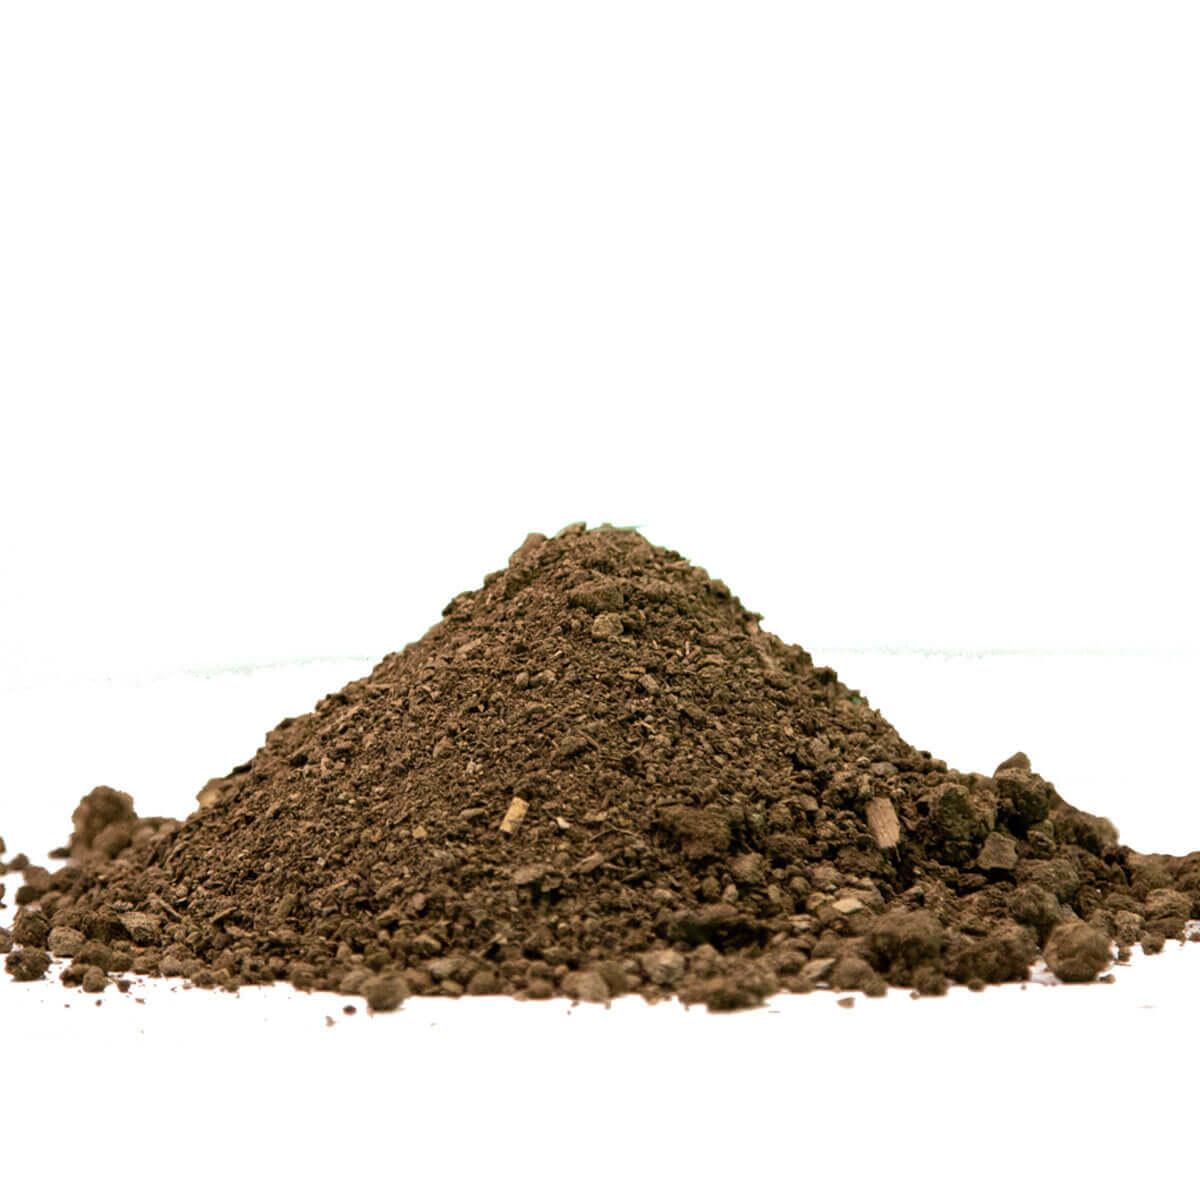 خاک باغچه ( ماسه کفی )